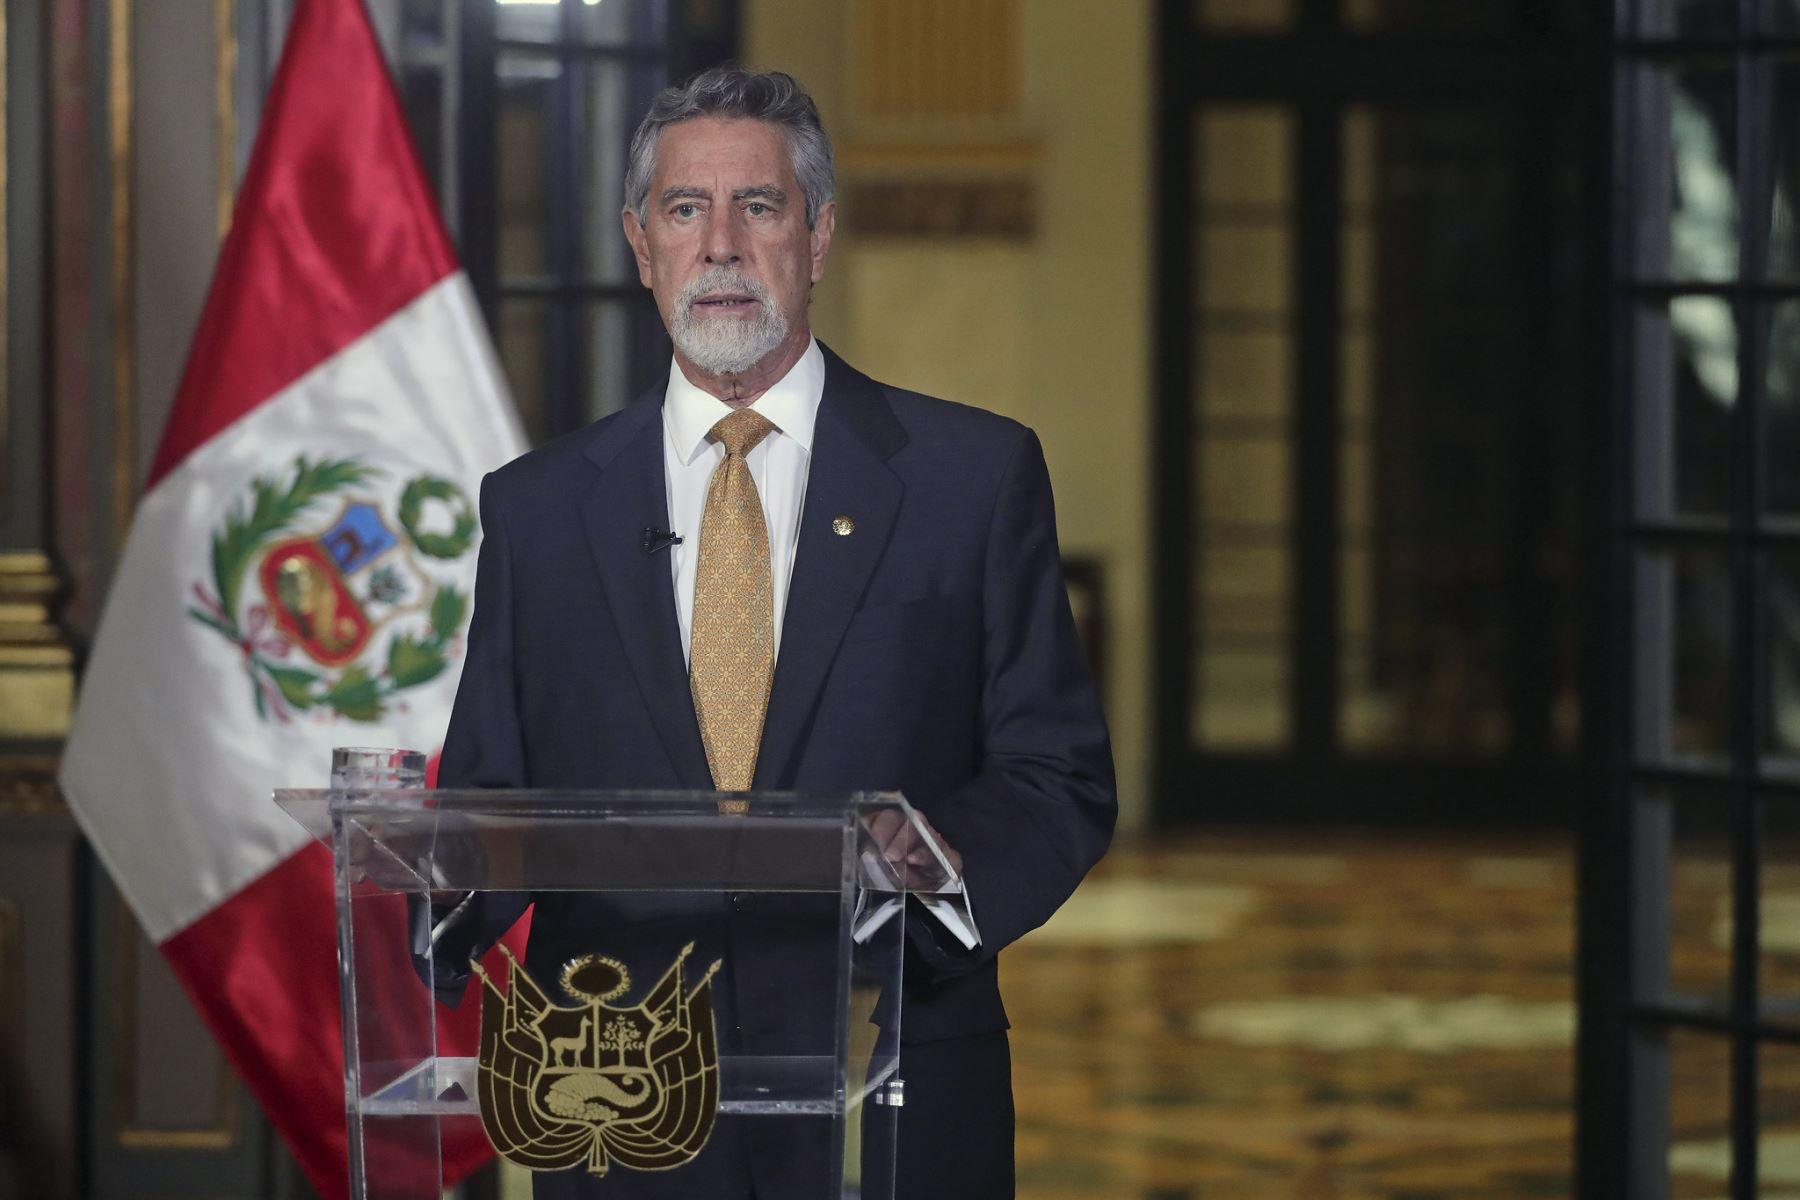 Último Mensaje a la Nación del presidente Francisco Sagasti